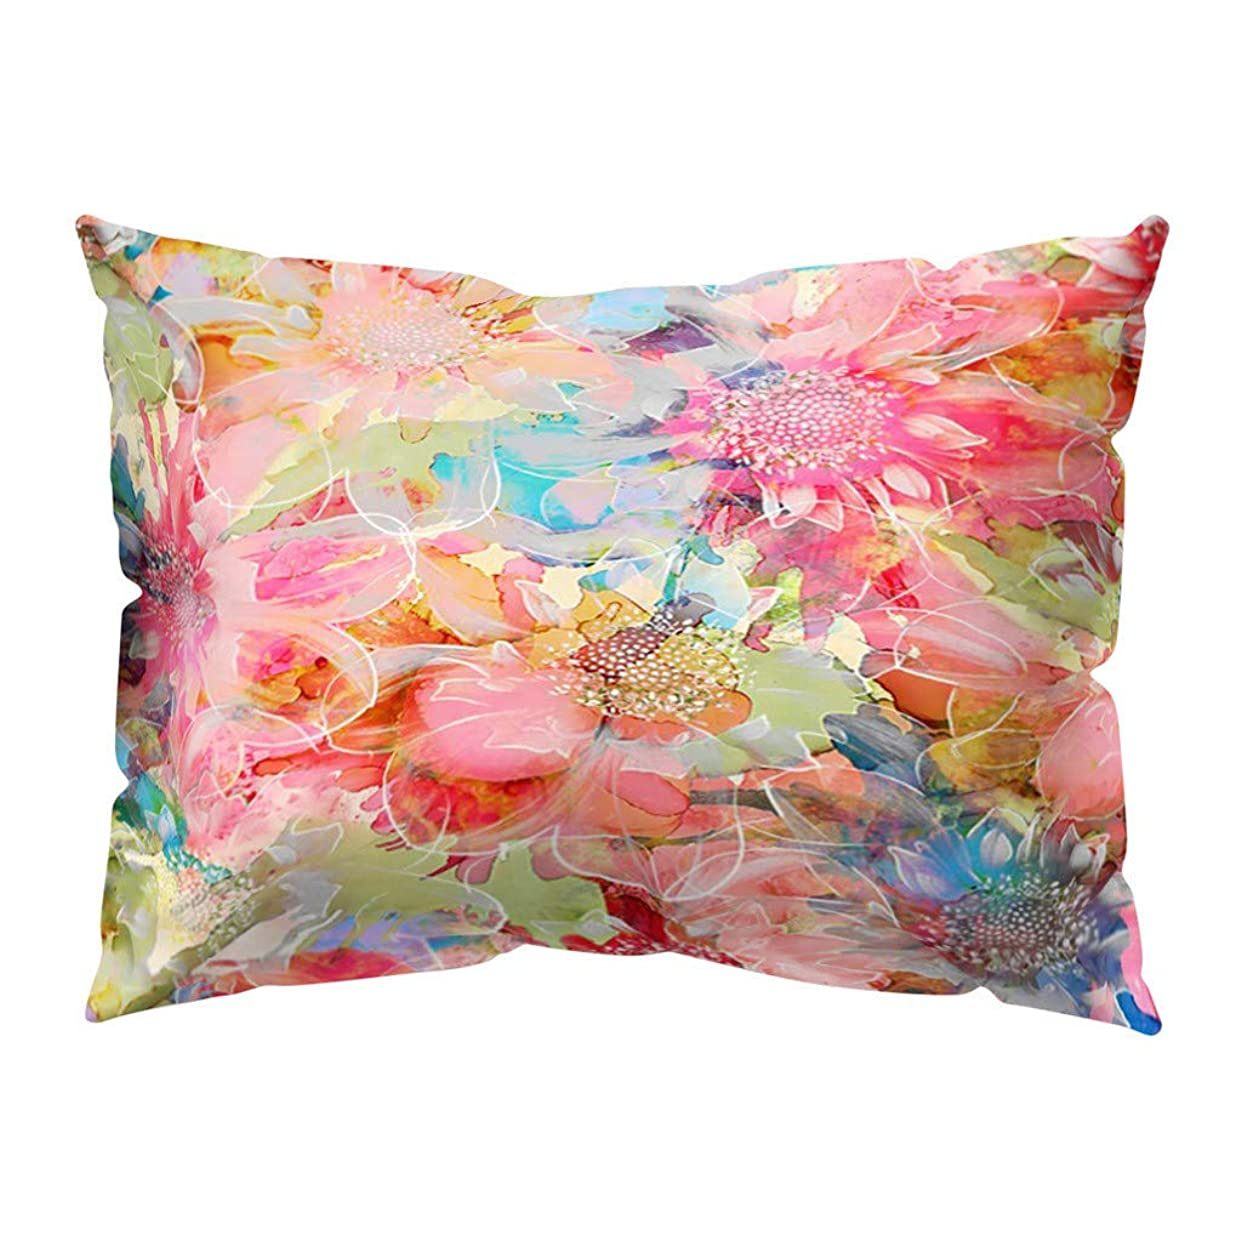 素晴らしい良い多くの例外認知[フェデルム]ポリエステルピーチスキン枕カバー美しい枕カバー30×50家の装飾(多色5)